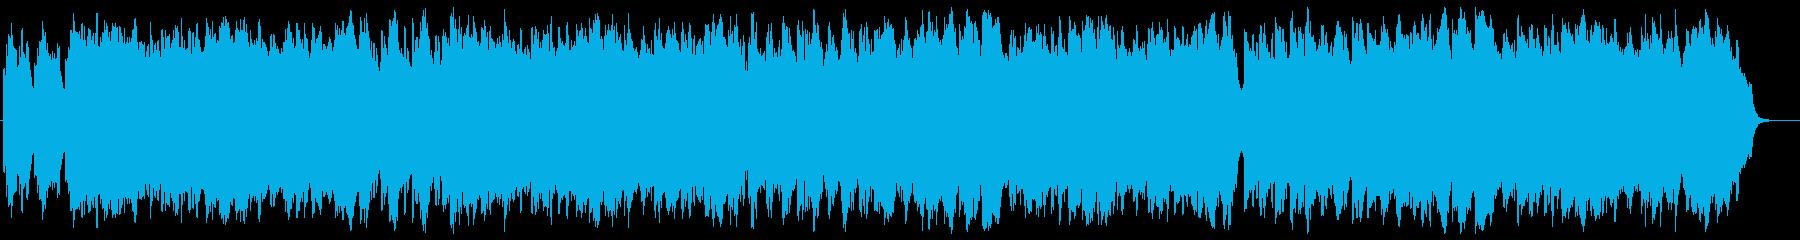 結婚行進曲(メンデルスゾーン)の再生済みの波形